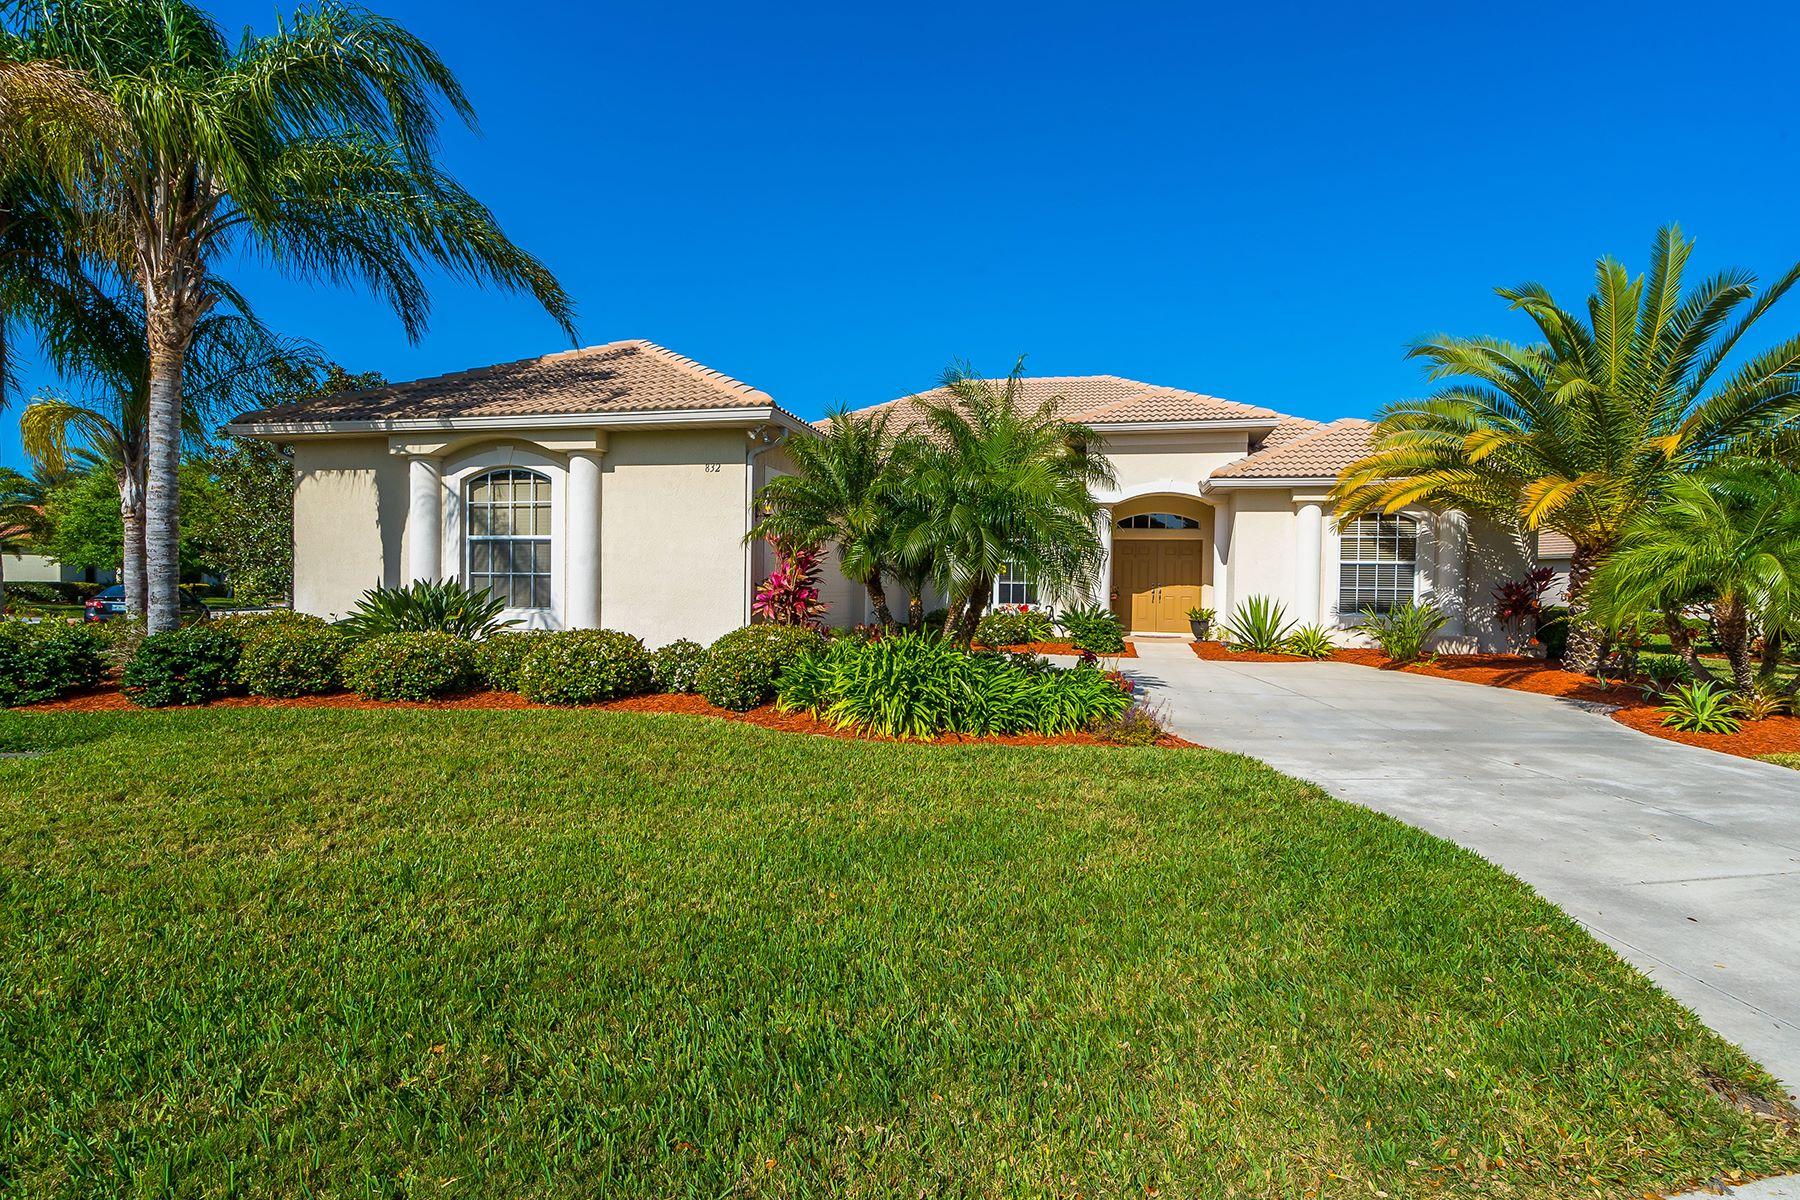 独户住宅 为 销售 在 PELICAN POINTE 832 Amaryllis Ln 威尼斯, 佛罗里达州, 34292 美国